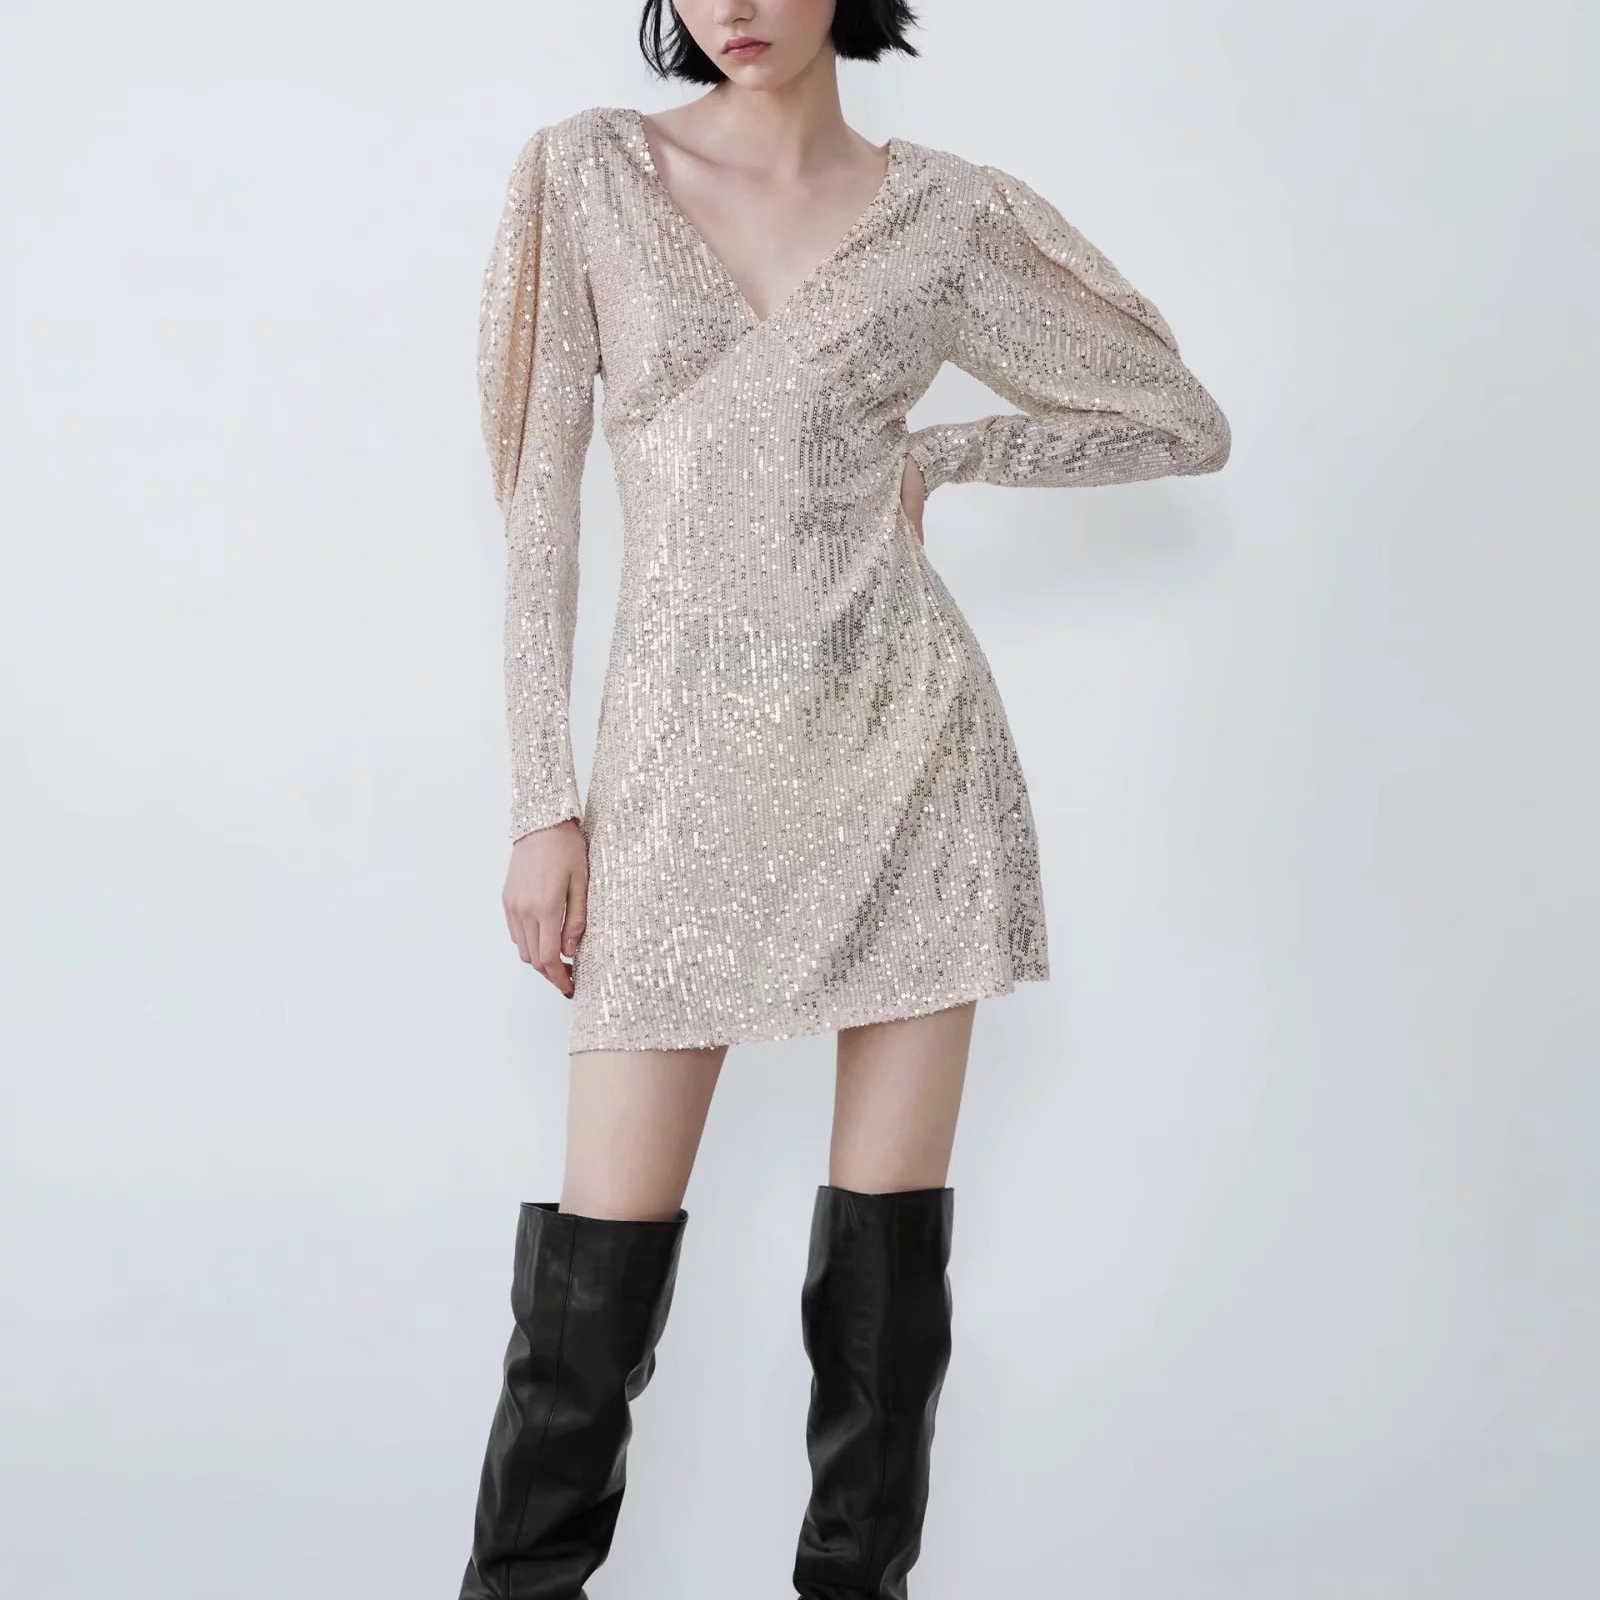 ZA damska sukienka z cekinami seksowna elastyczna głębokie v neck bufiaste rękawy casual fashion stretch dopasowana błyszcząca sukienka damska